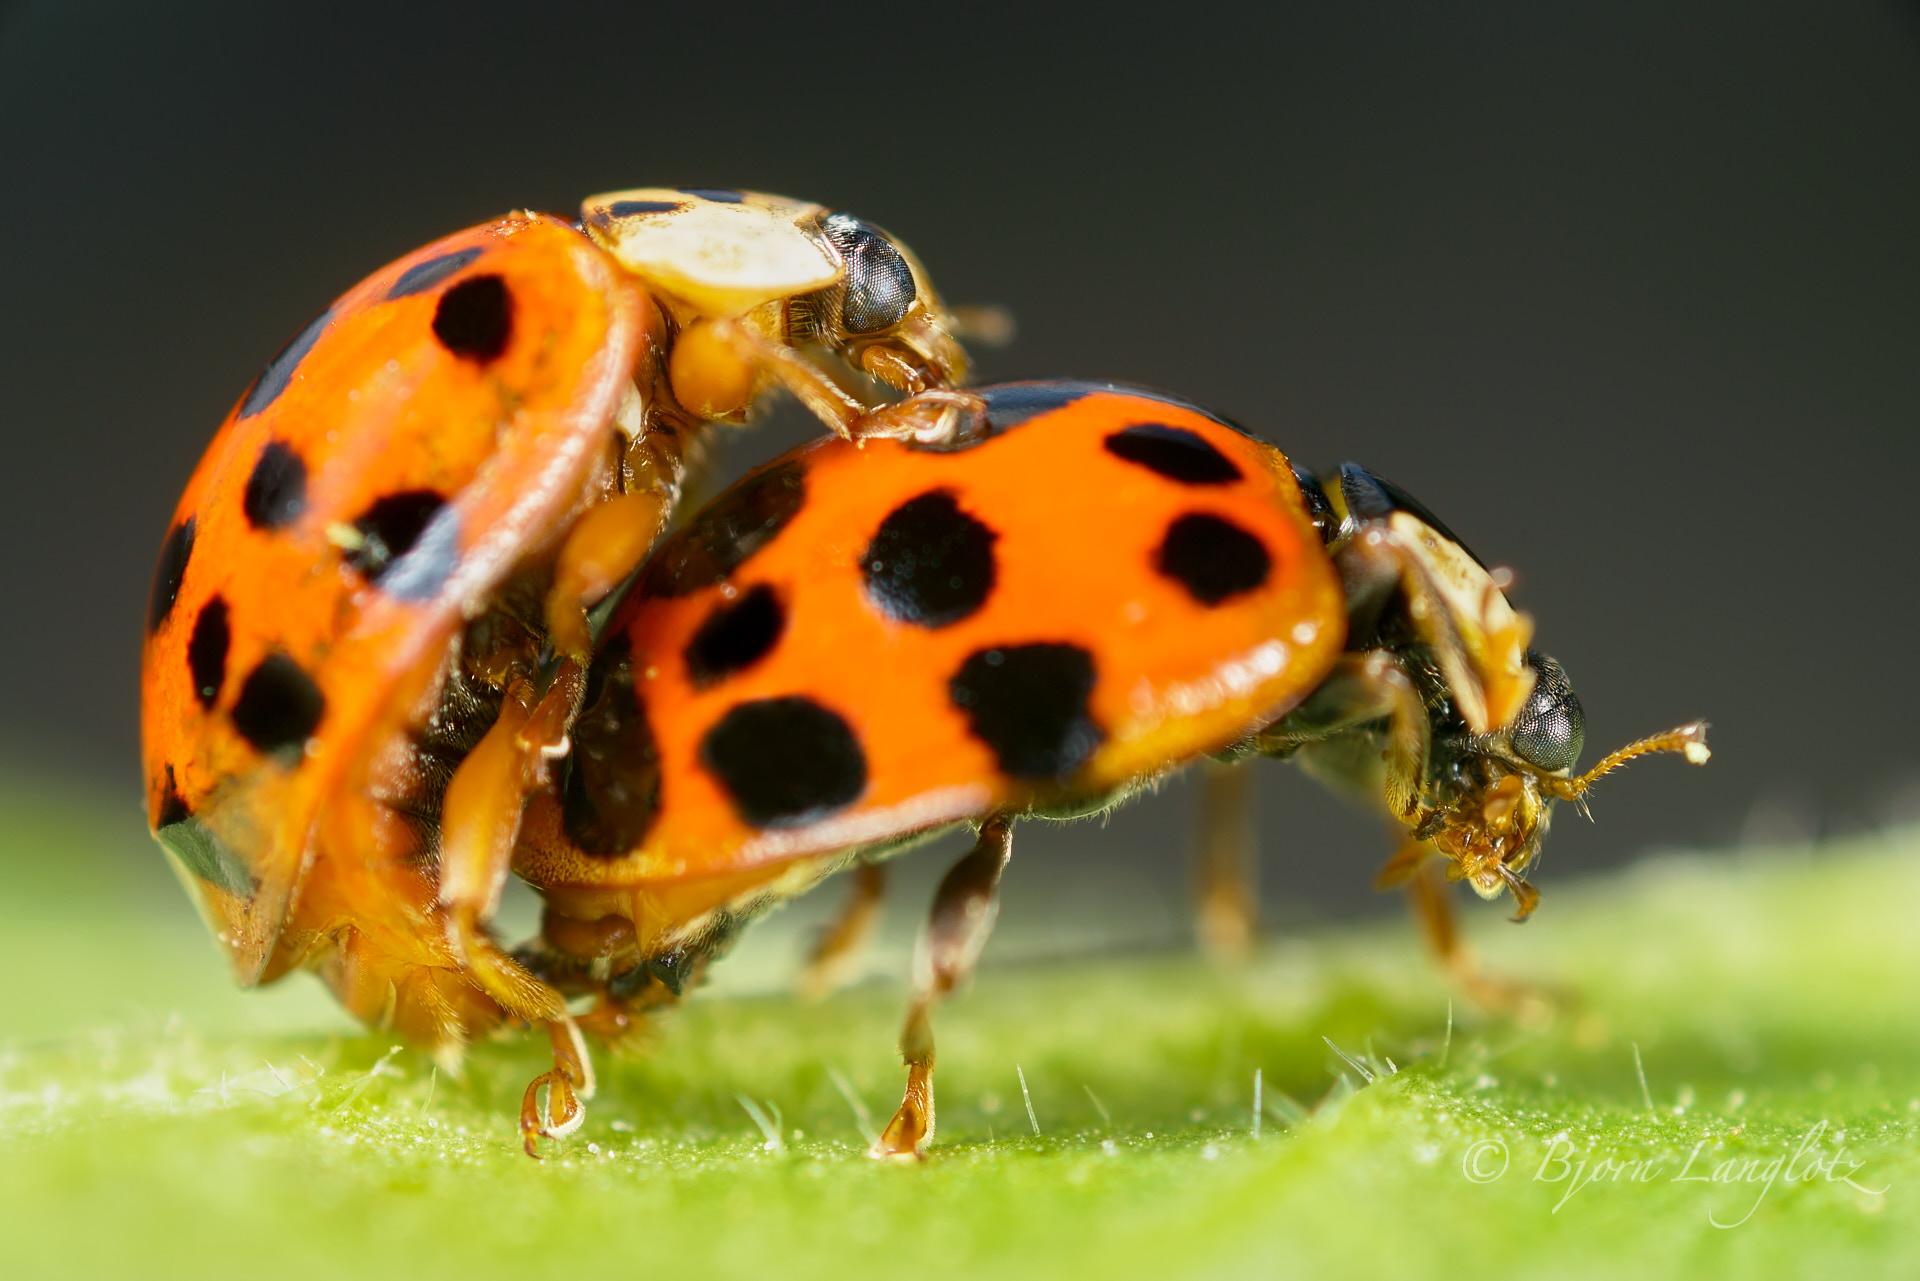 Diese beiden asiatischen Marienkäfer (Harmonia axyridis) sind gerade bei der Paarung, was das Weibchen nicht von der Körperhydiene abhält.Kamera: NIKON D800E Zeiss Luminar II 63 mm 1/200 s bei Blende f/4.5